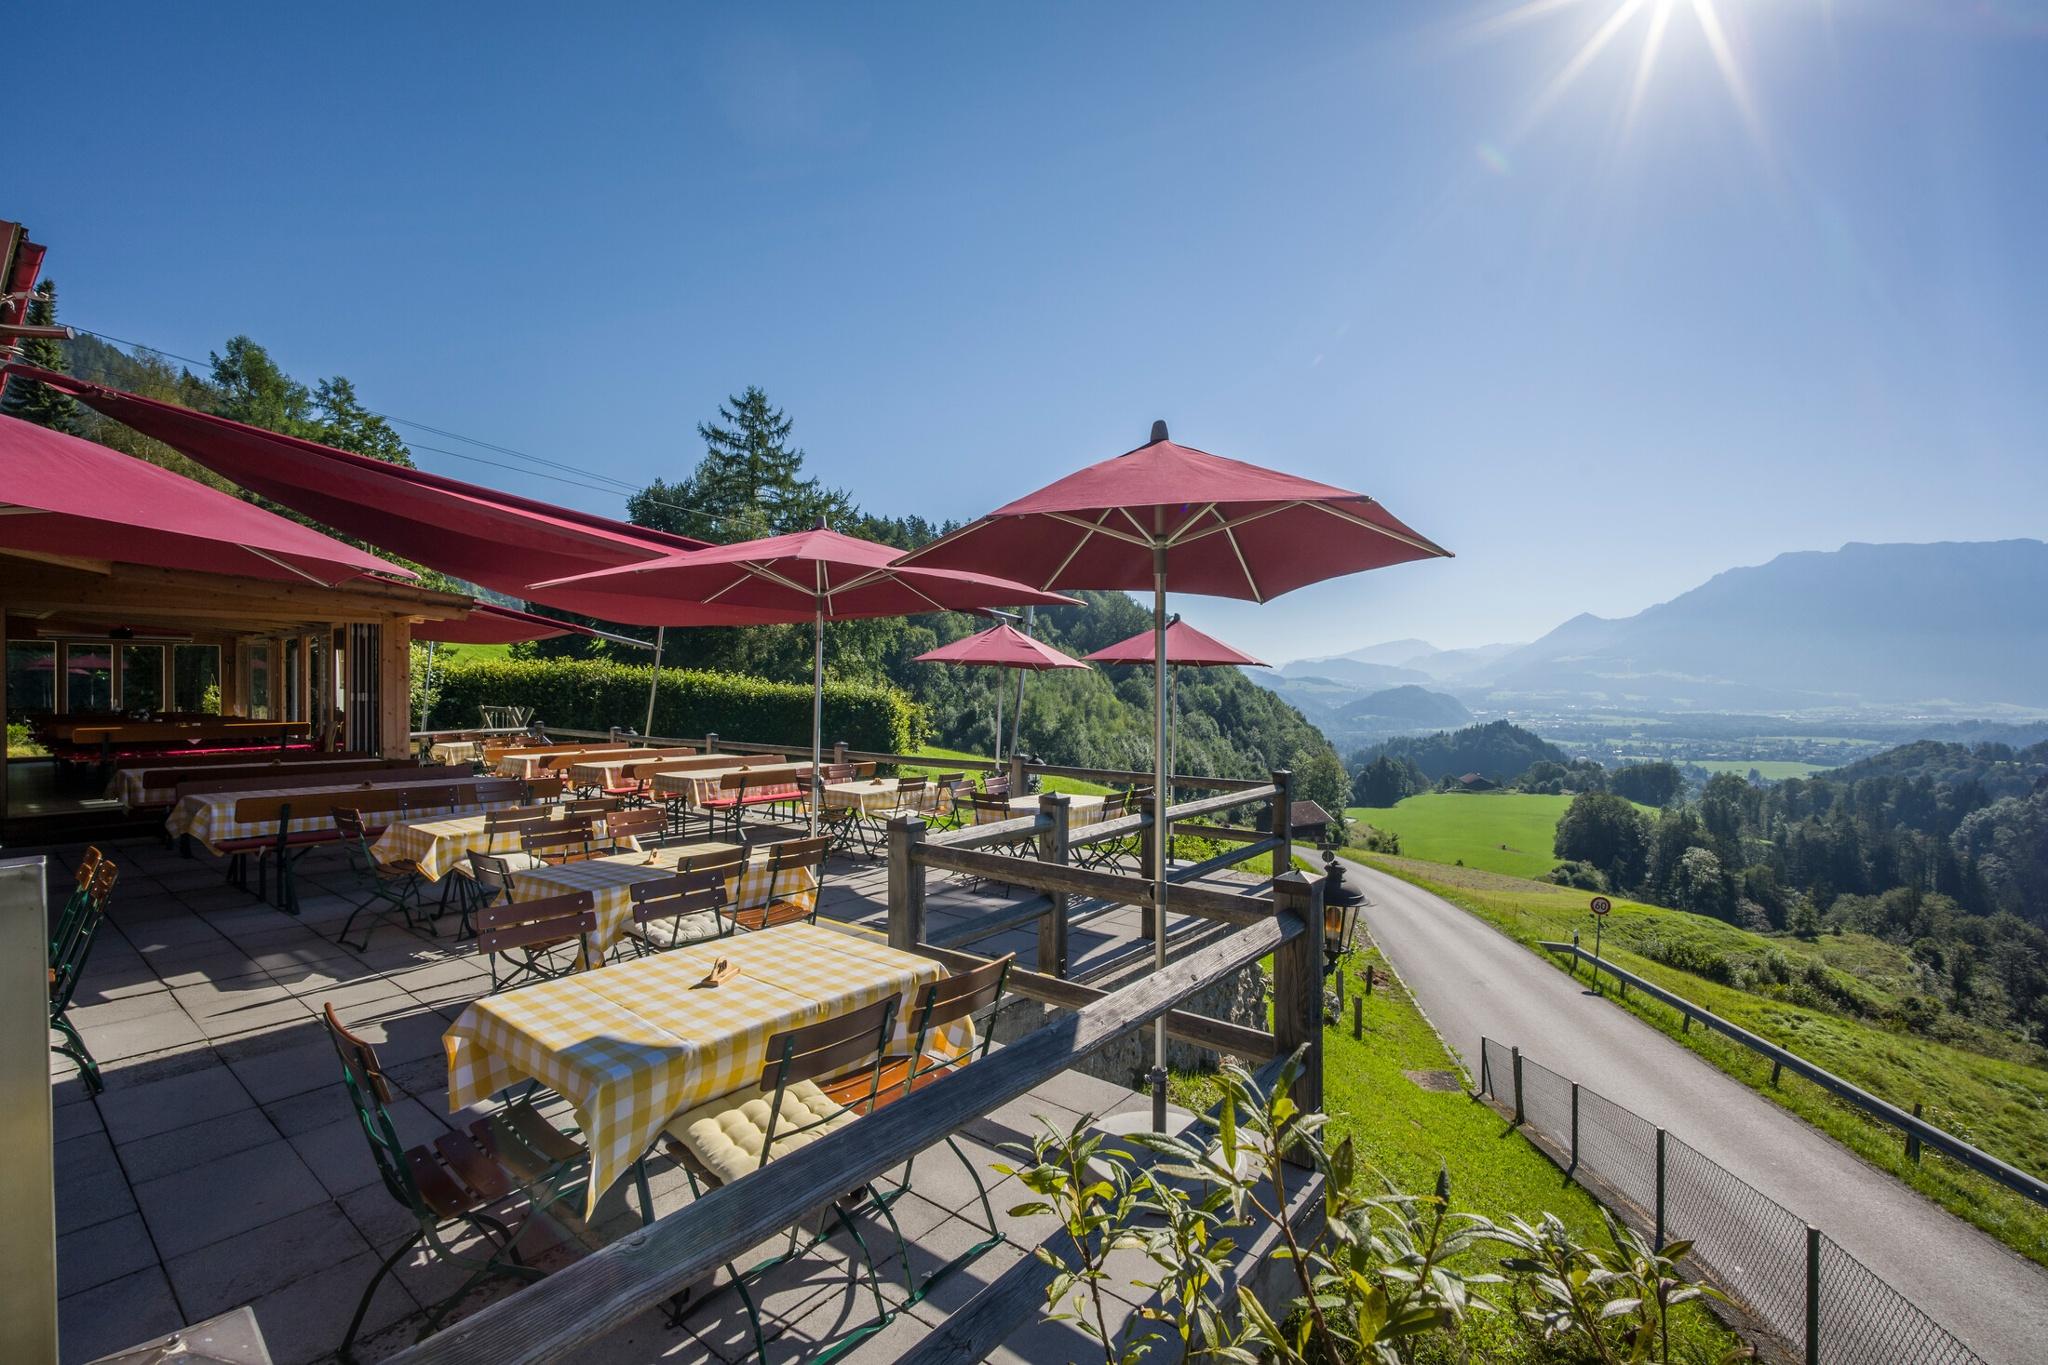 Terasse Berggasthof Hummelei mit Blick auf da Kaisergebirge